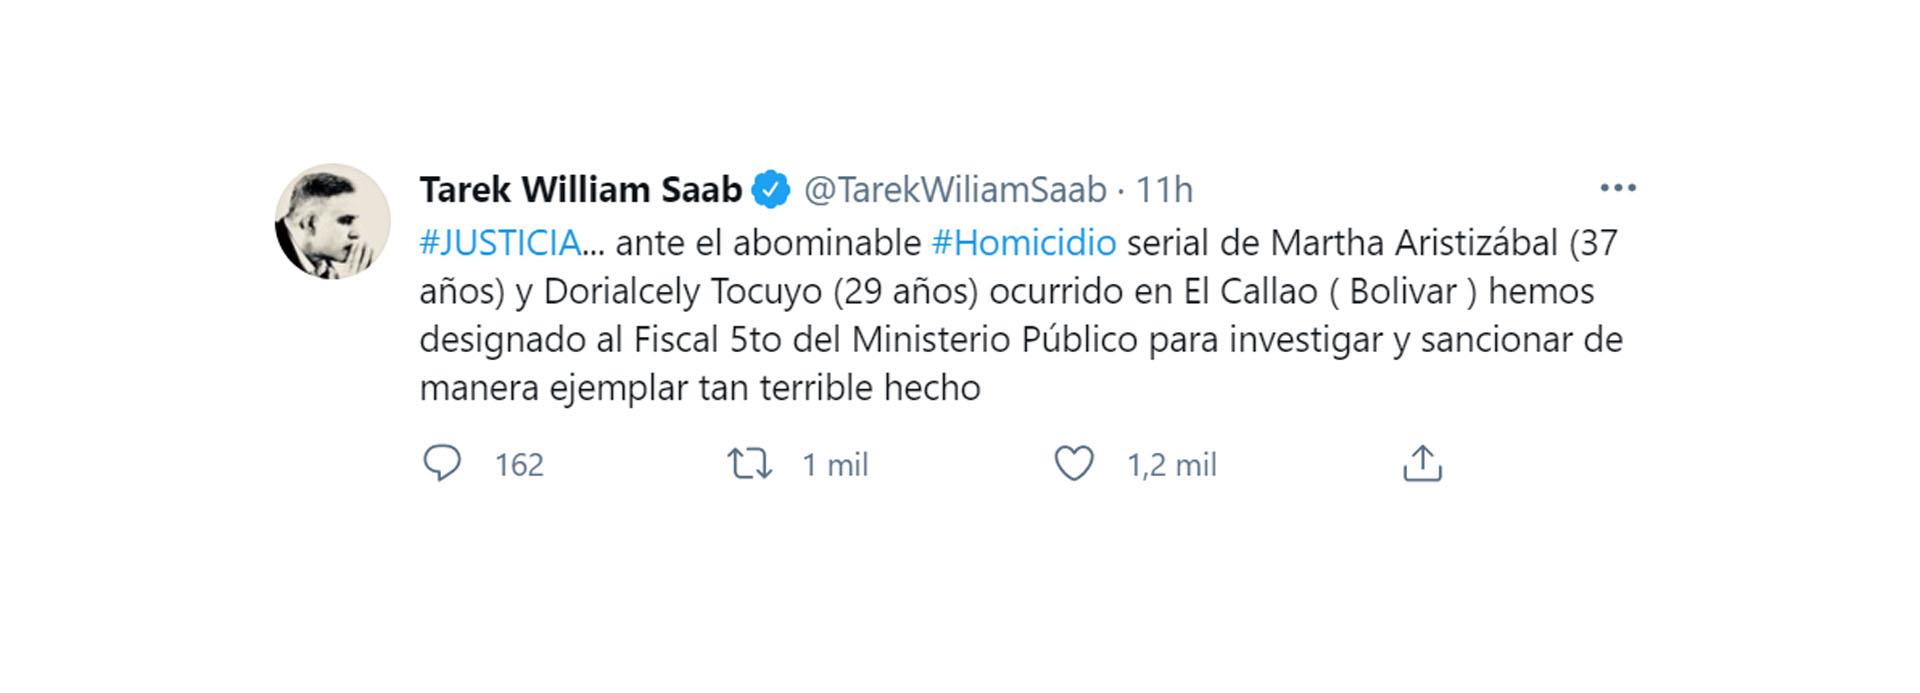 El tuit del fiscal Tarek Saab